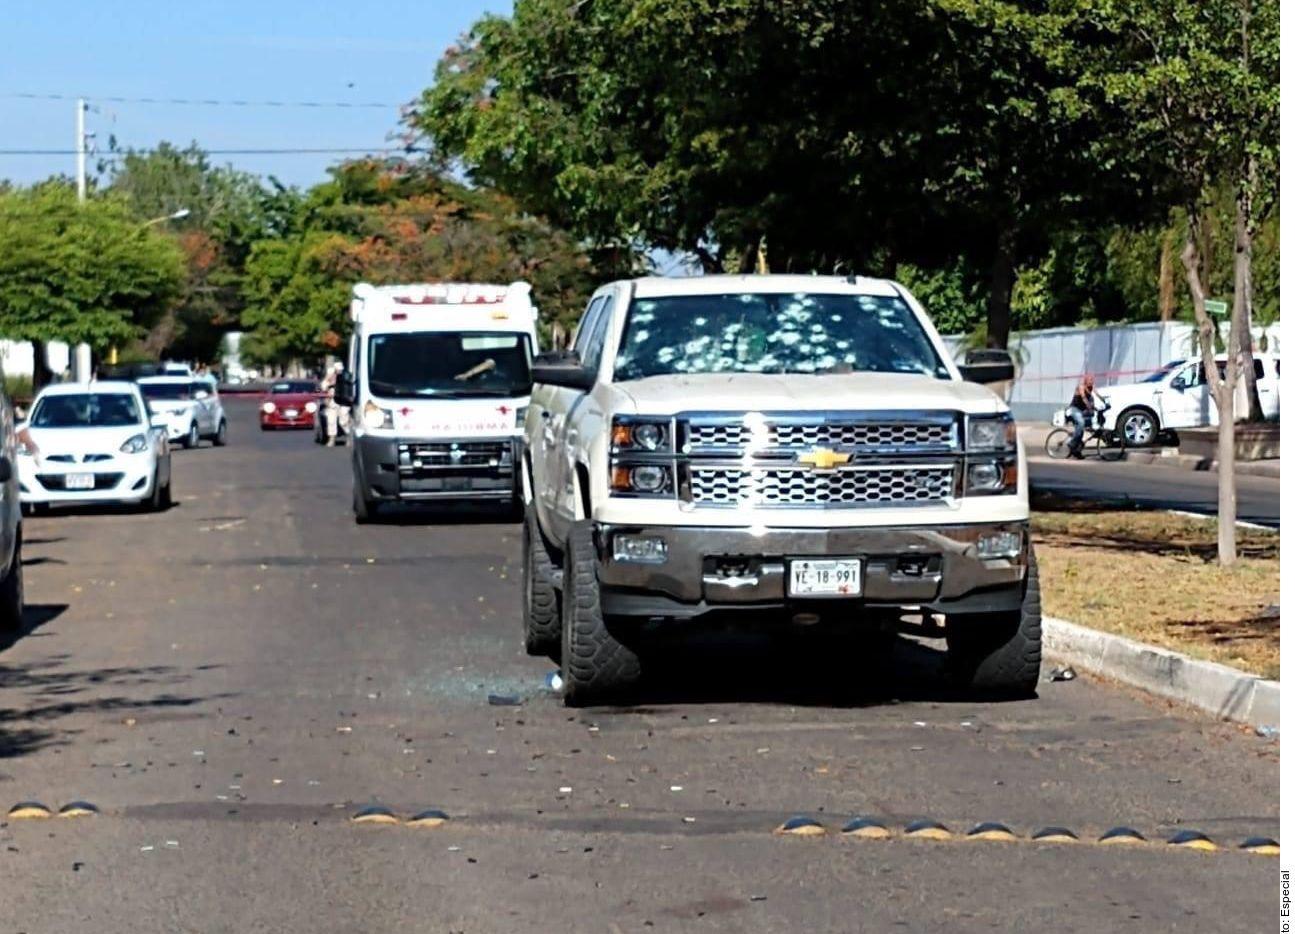 El vehículo donde circulaba Luis Carlos Mendoza García en Ciudad Obregón, Sonora. AGENCIA REFORMA.